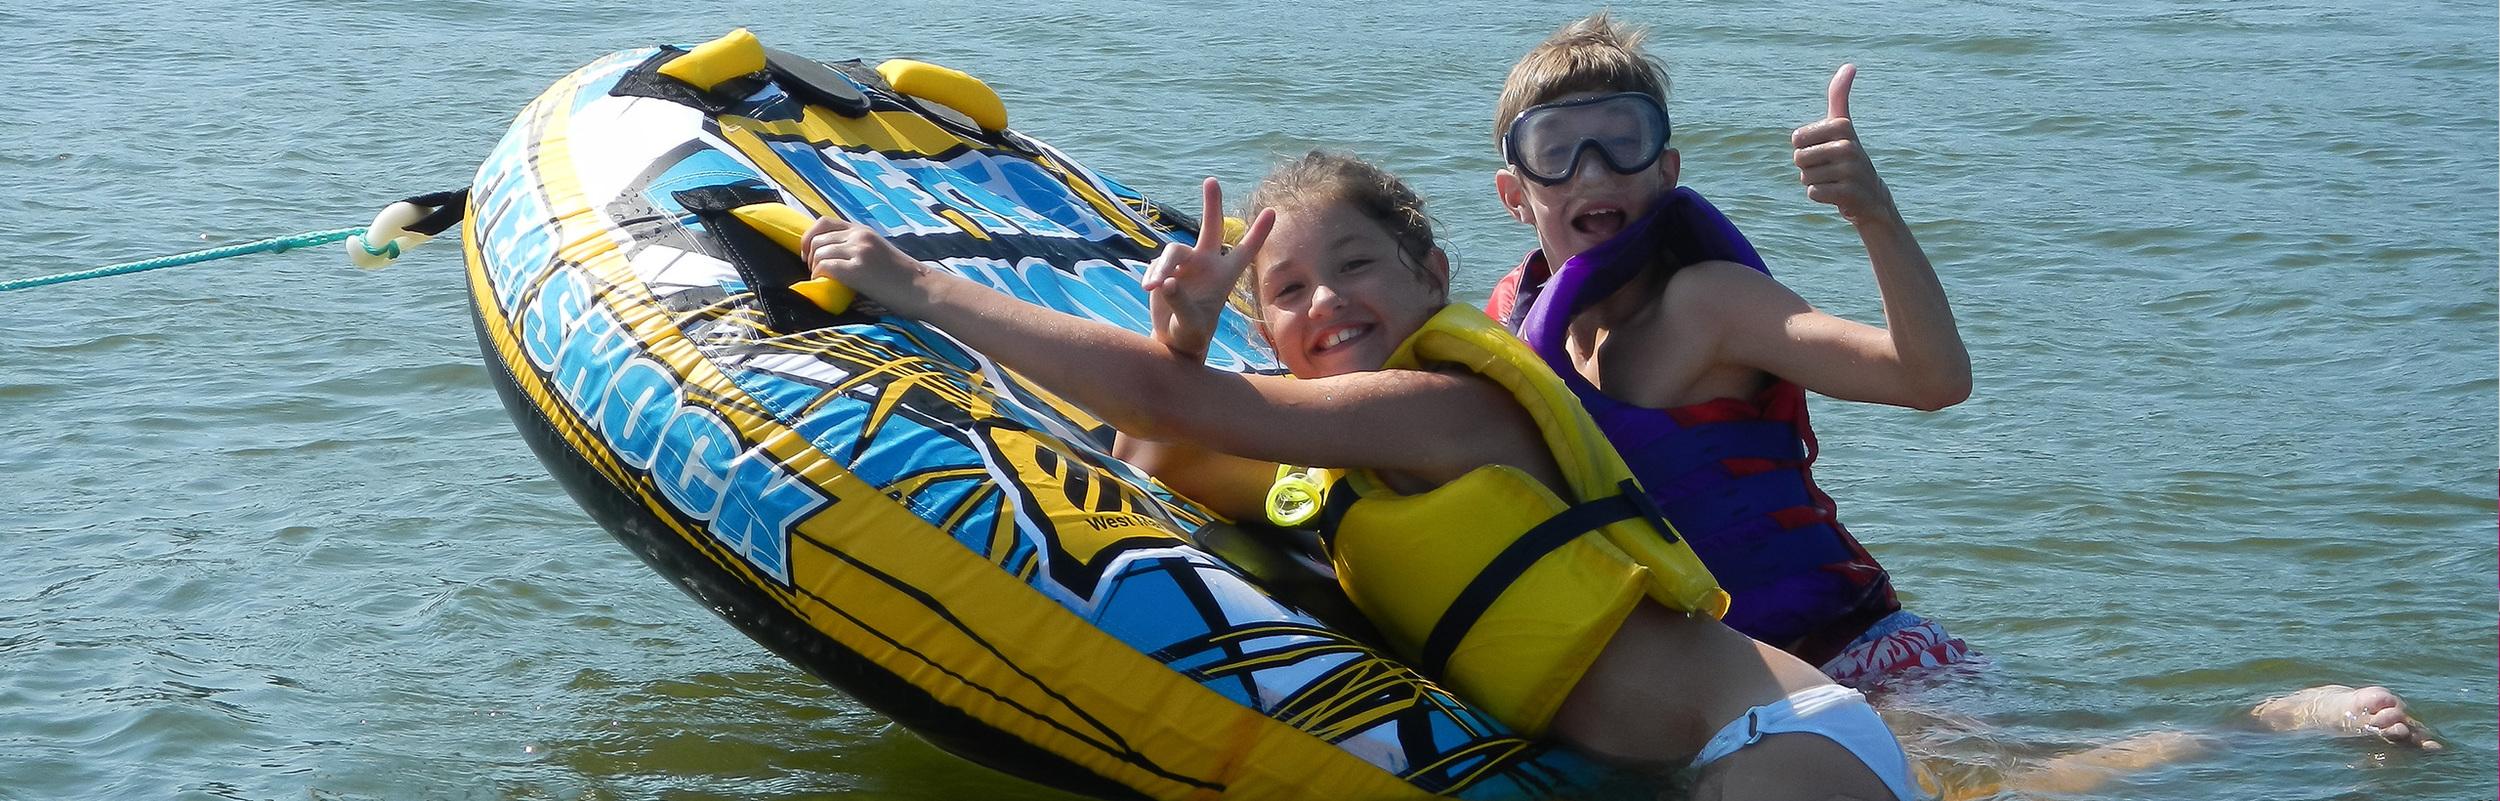 kids in a raft having fun